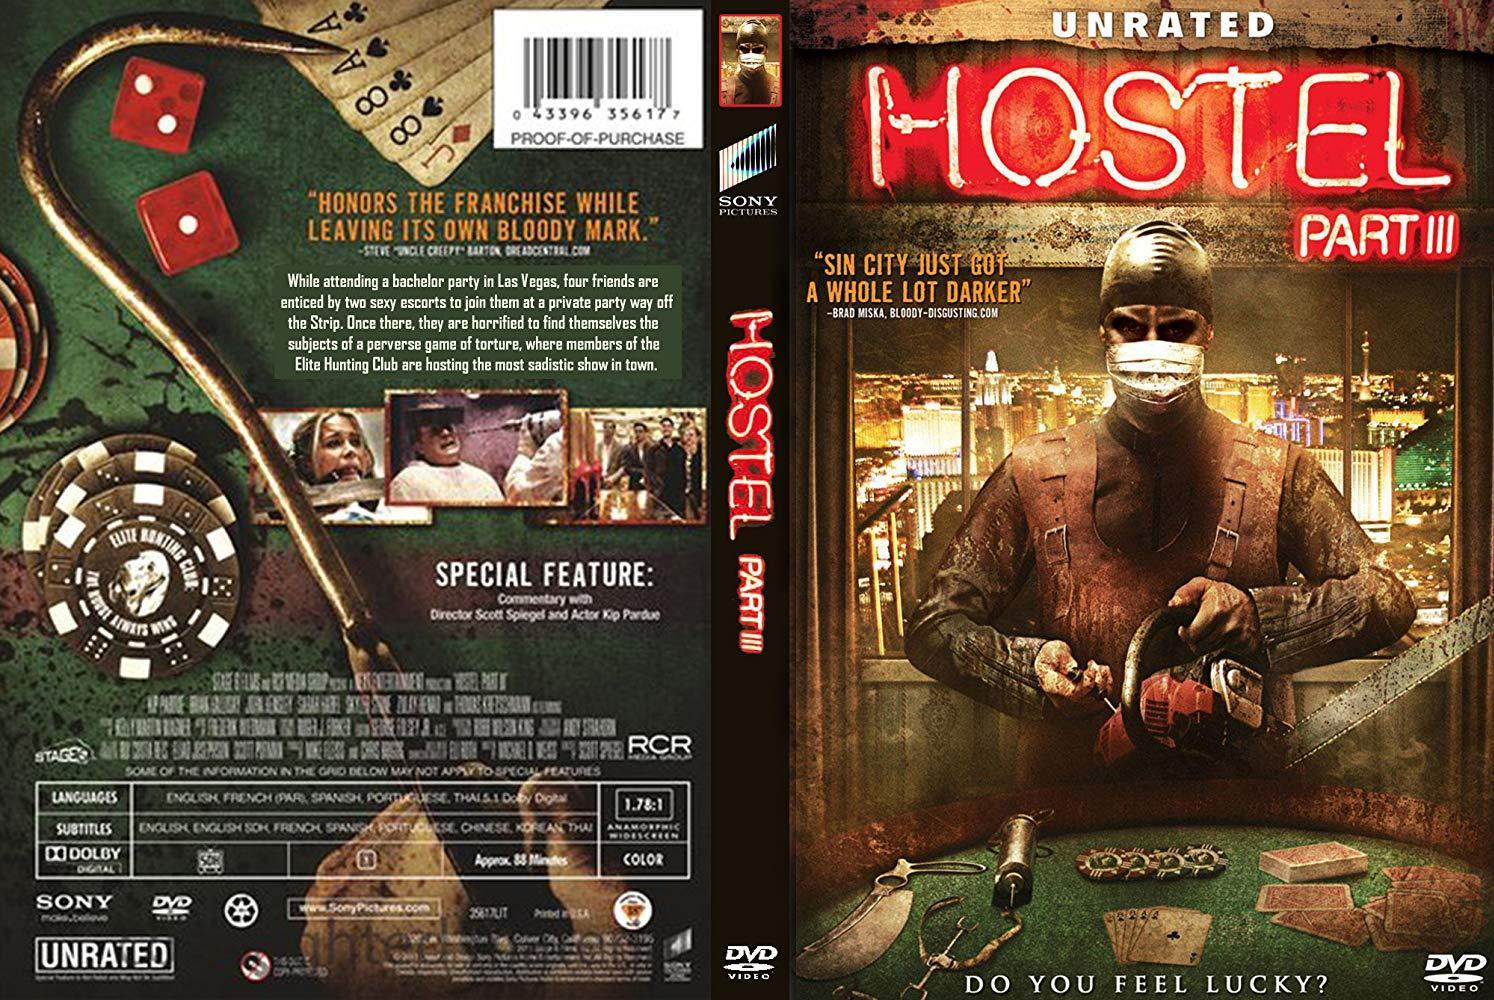 مشاهدة فيلم Hostel Part III 2011 HD مترجم كامل اون لاين